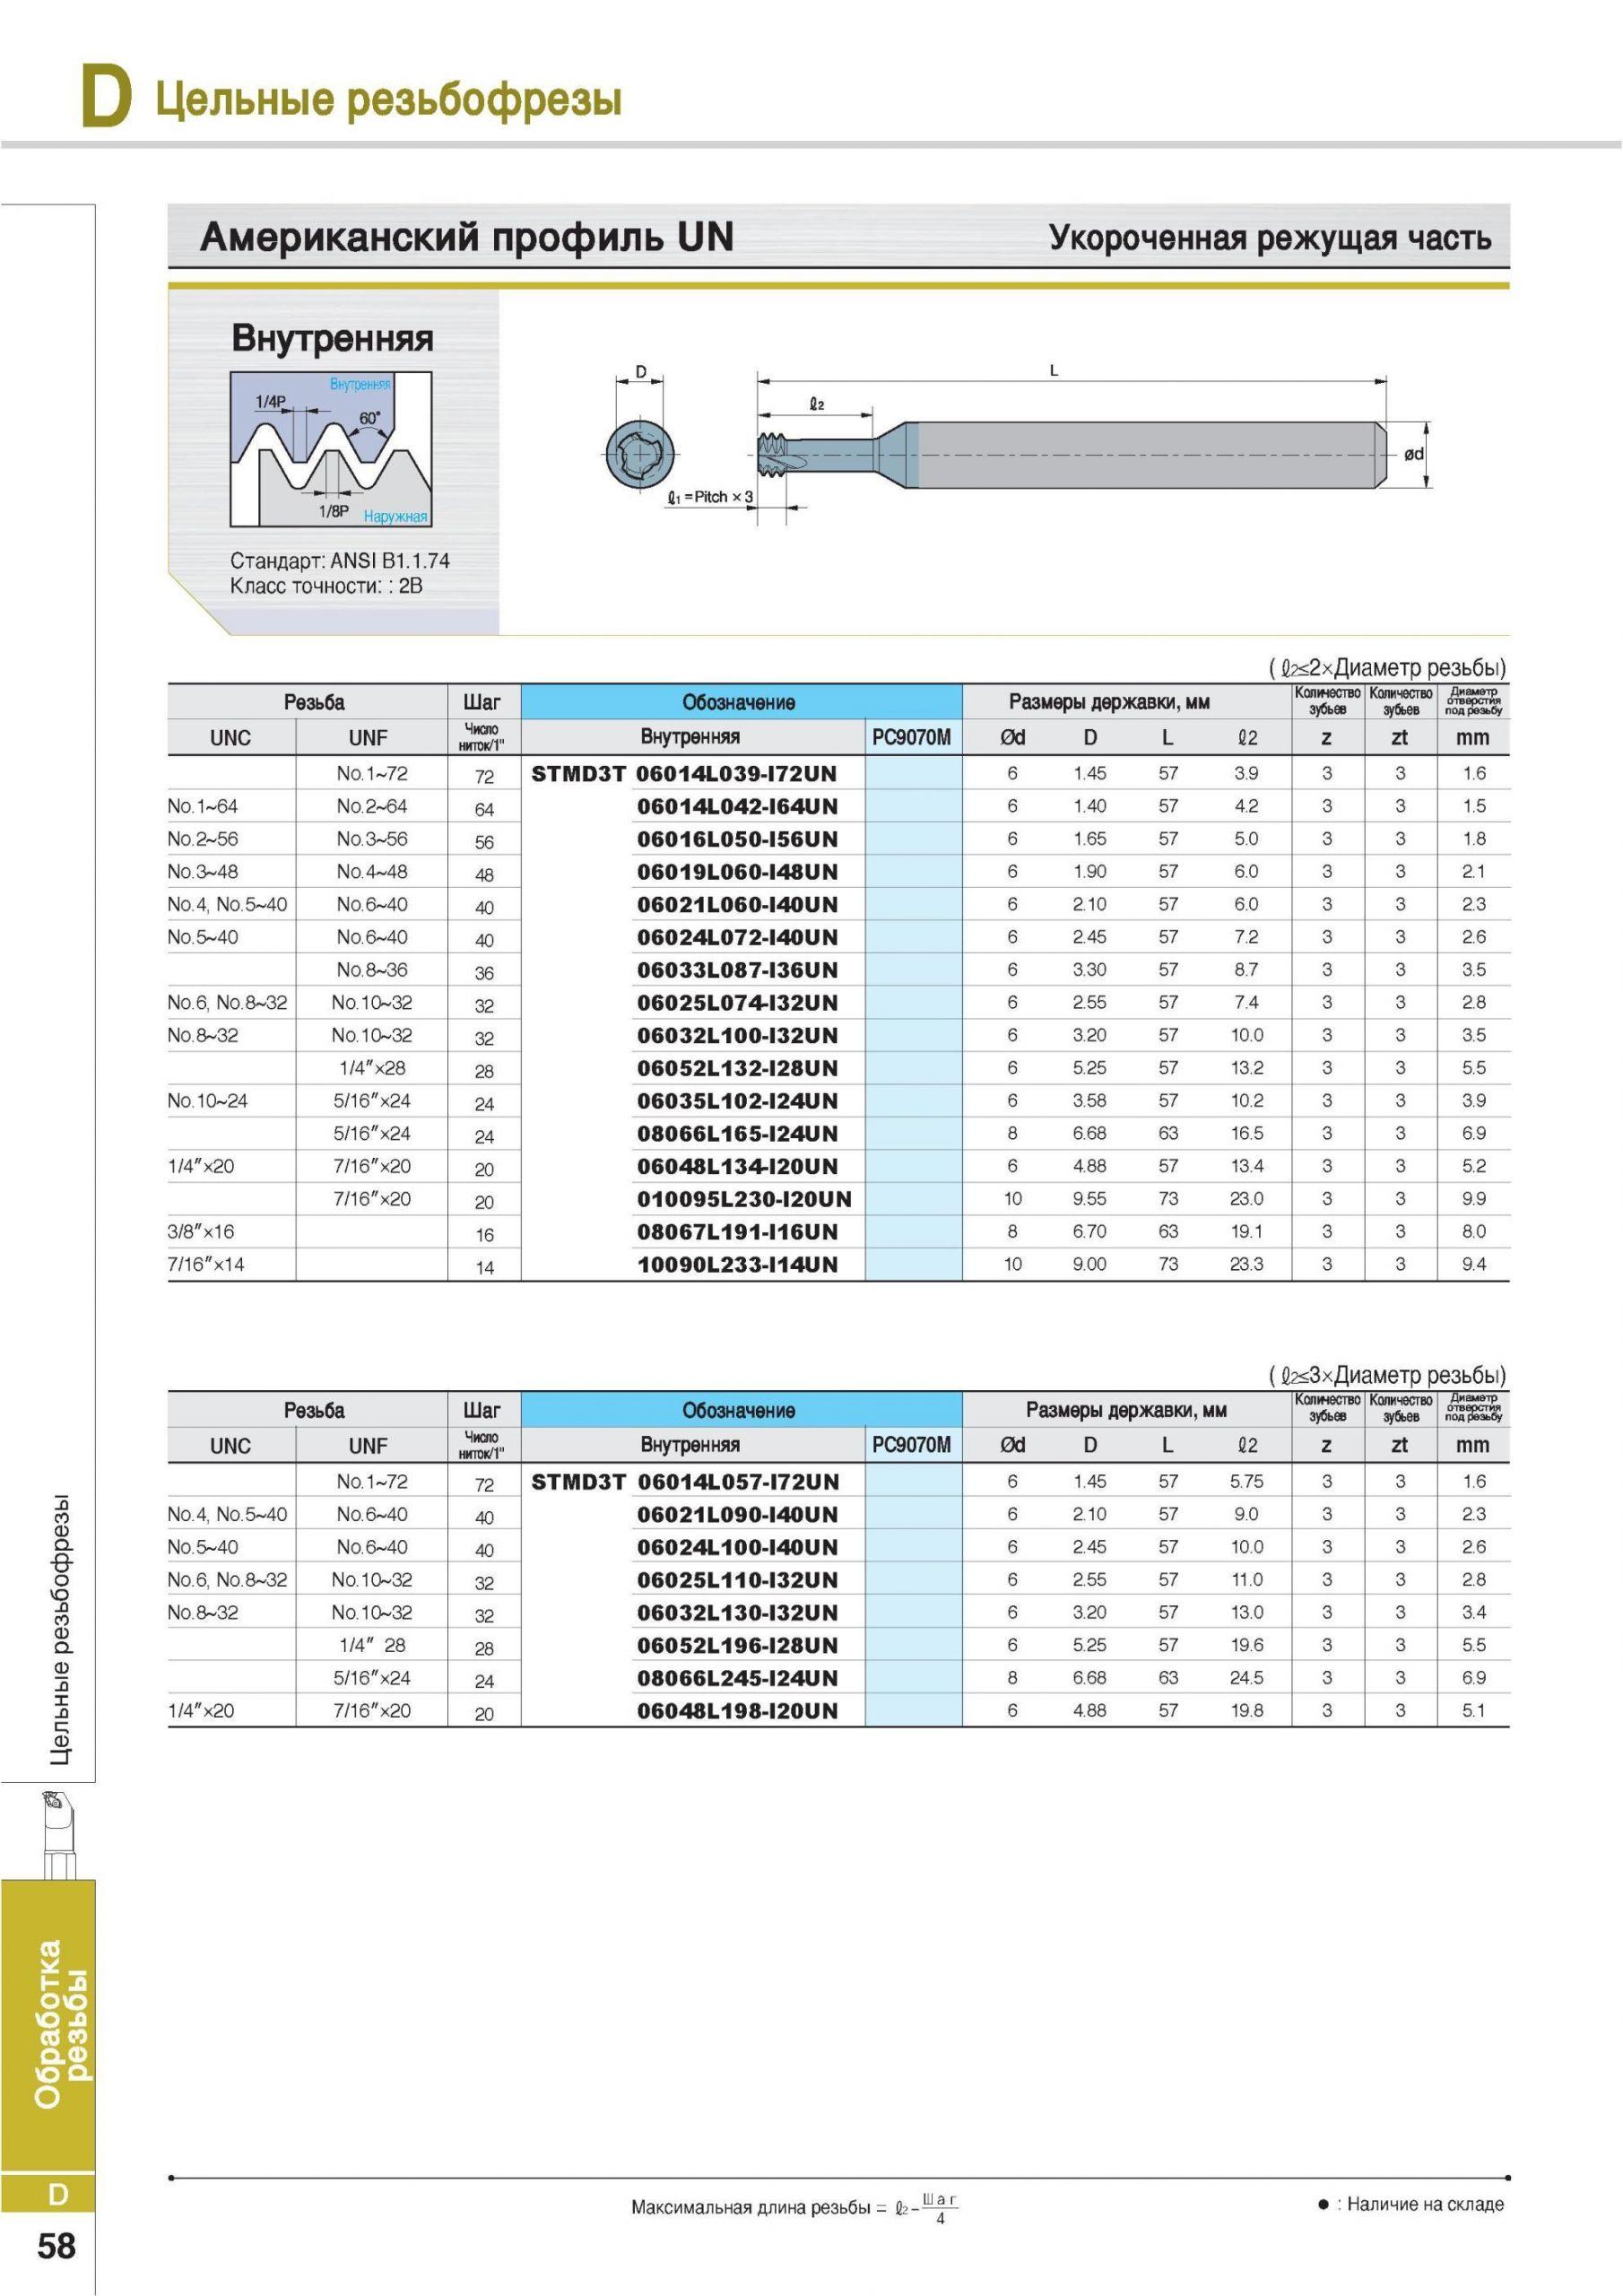 KORLOY 2013 Katalog Metallorezhushchiy instrument Tochenie Frezerovanie Sverlenie Osnastka 0332b Lab2U